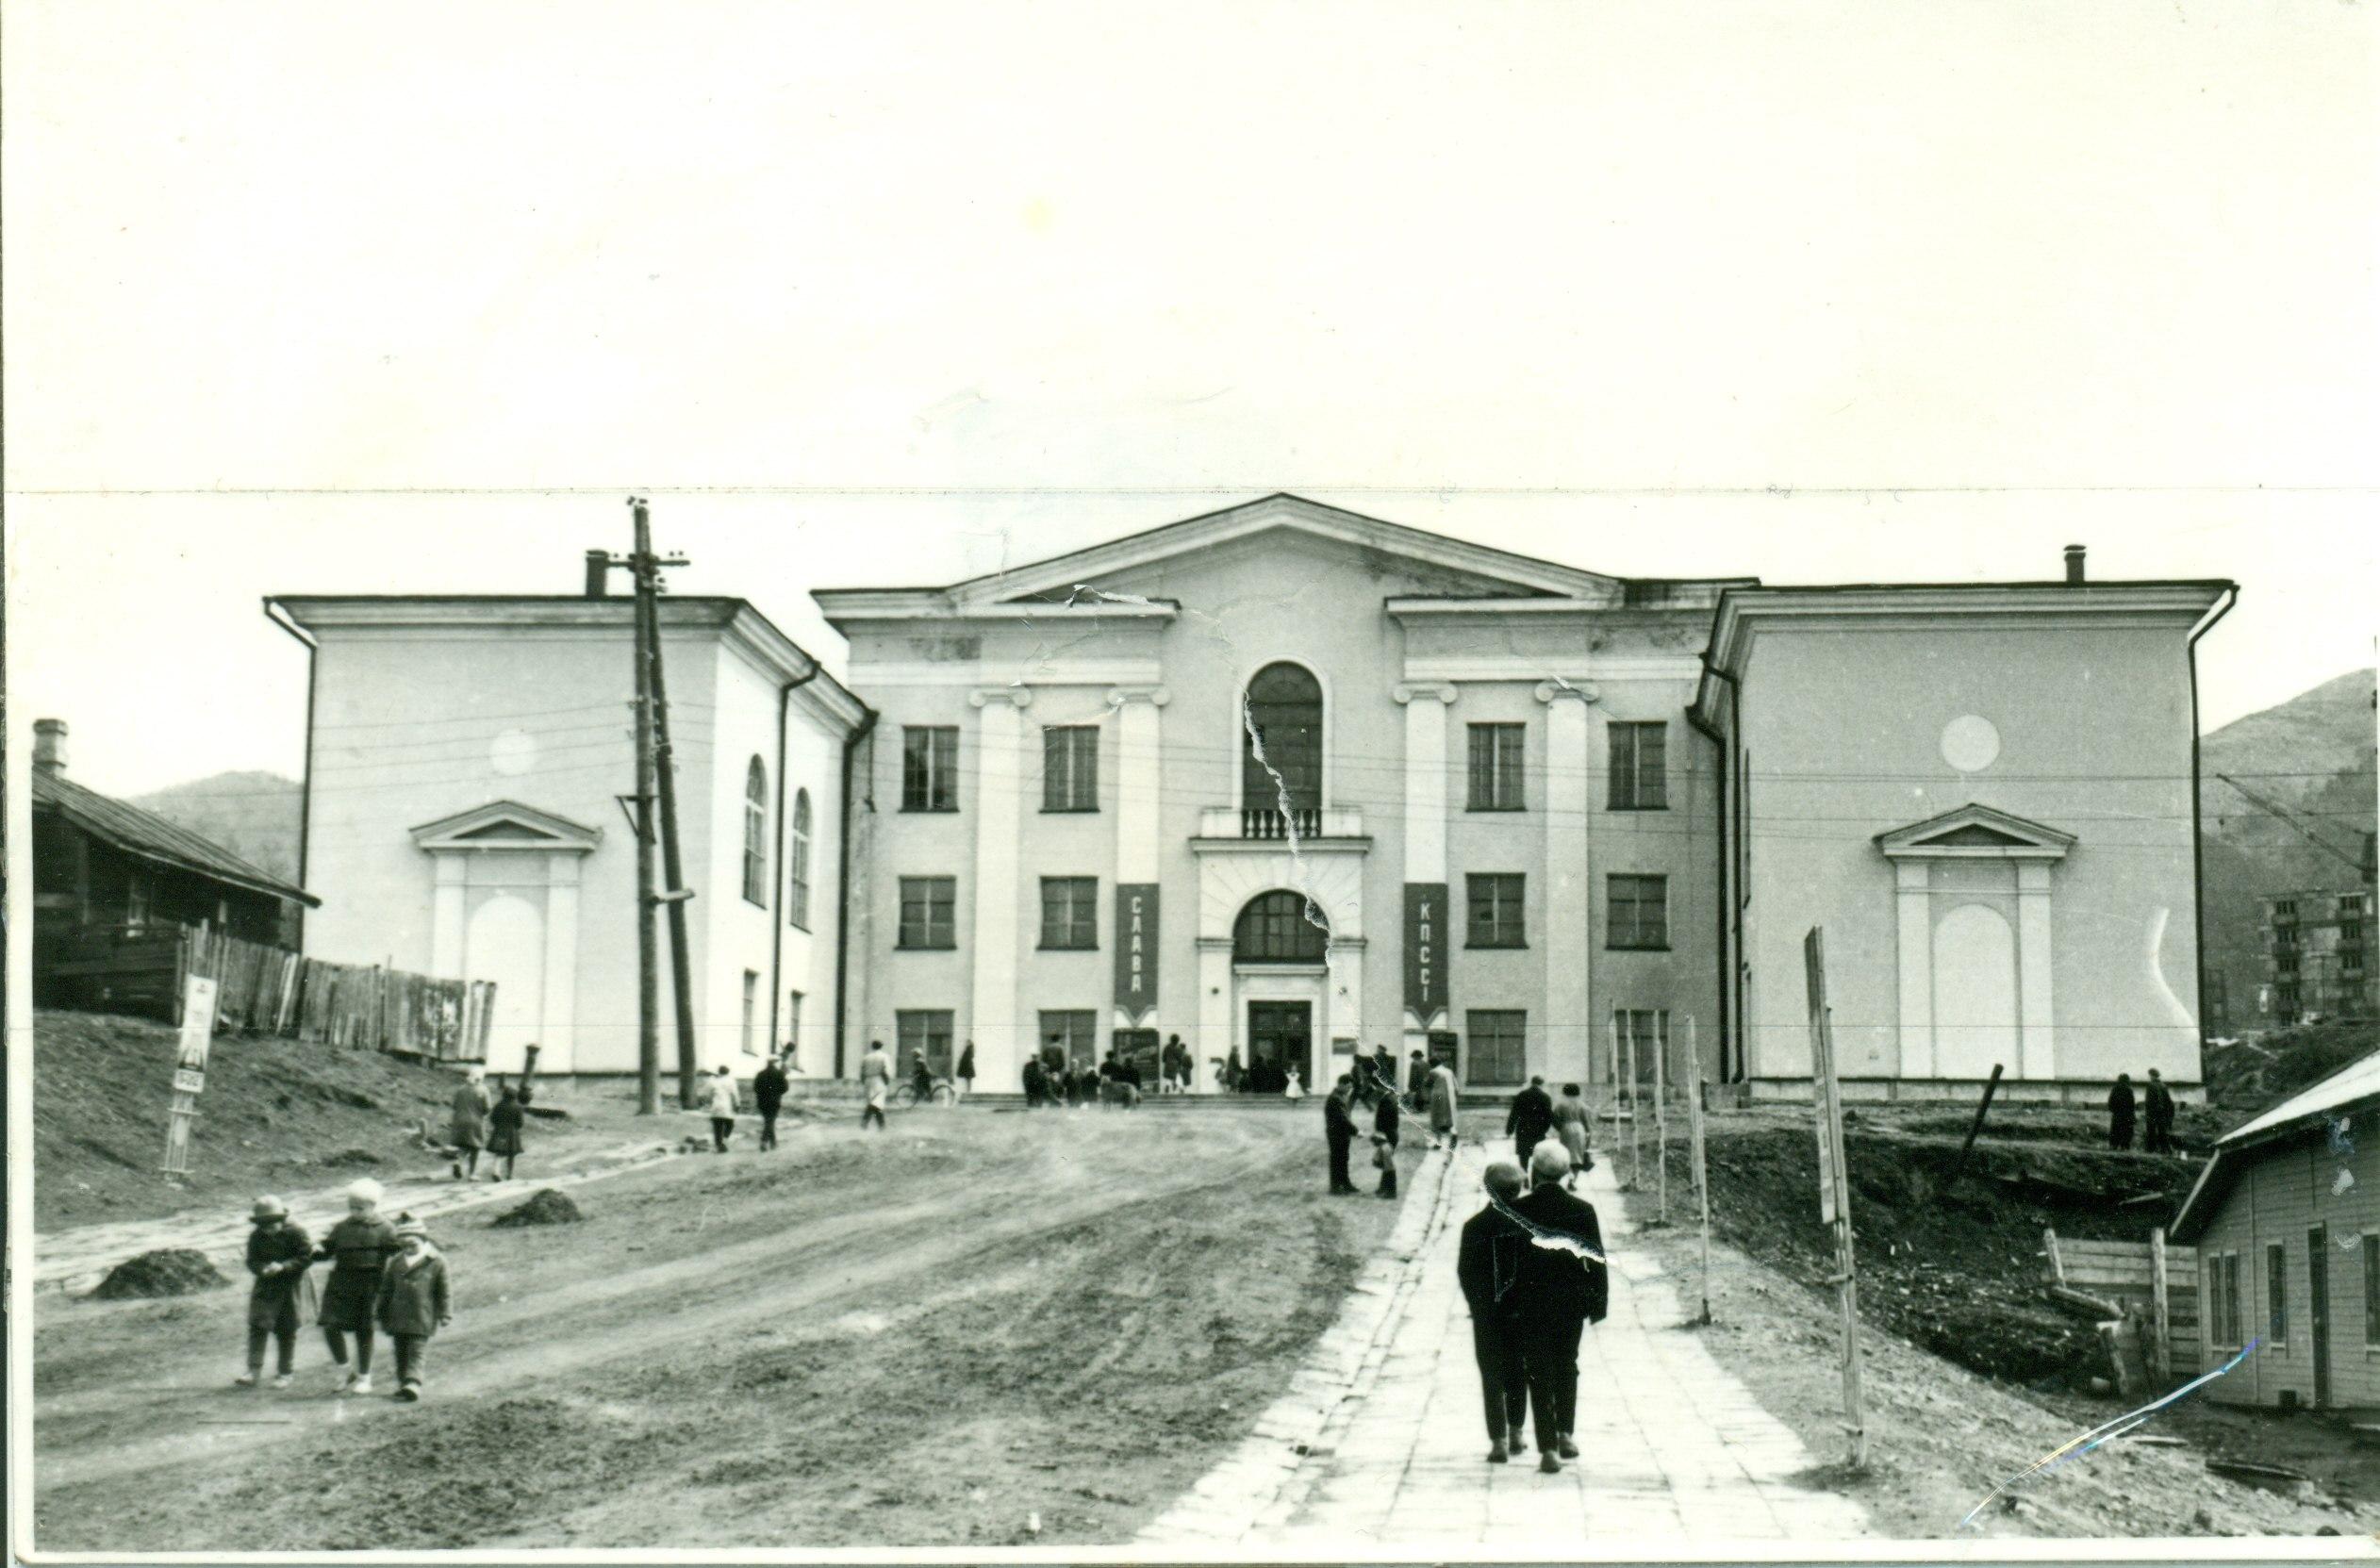 Центральный районный дом культуры - ДКМ (Дворец культуры моряков)